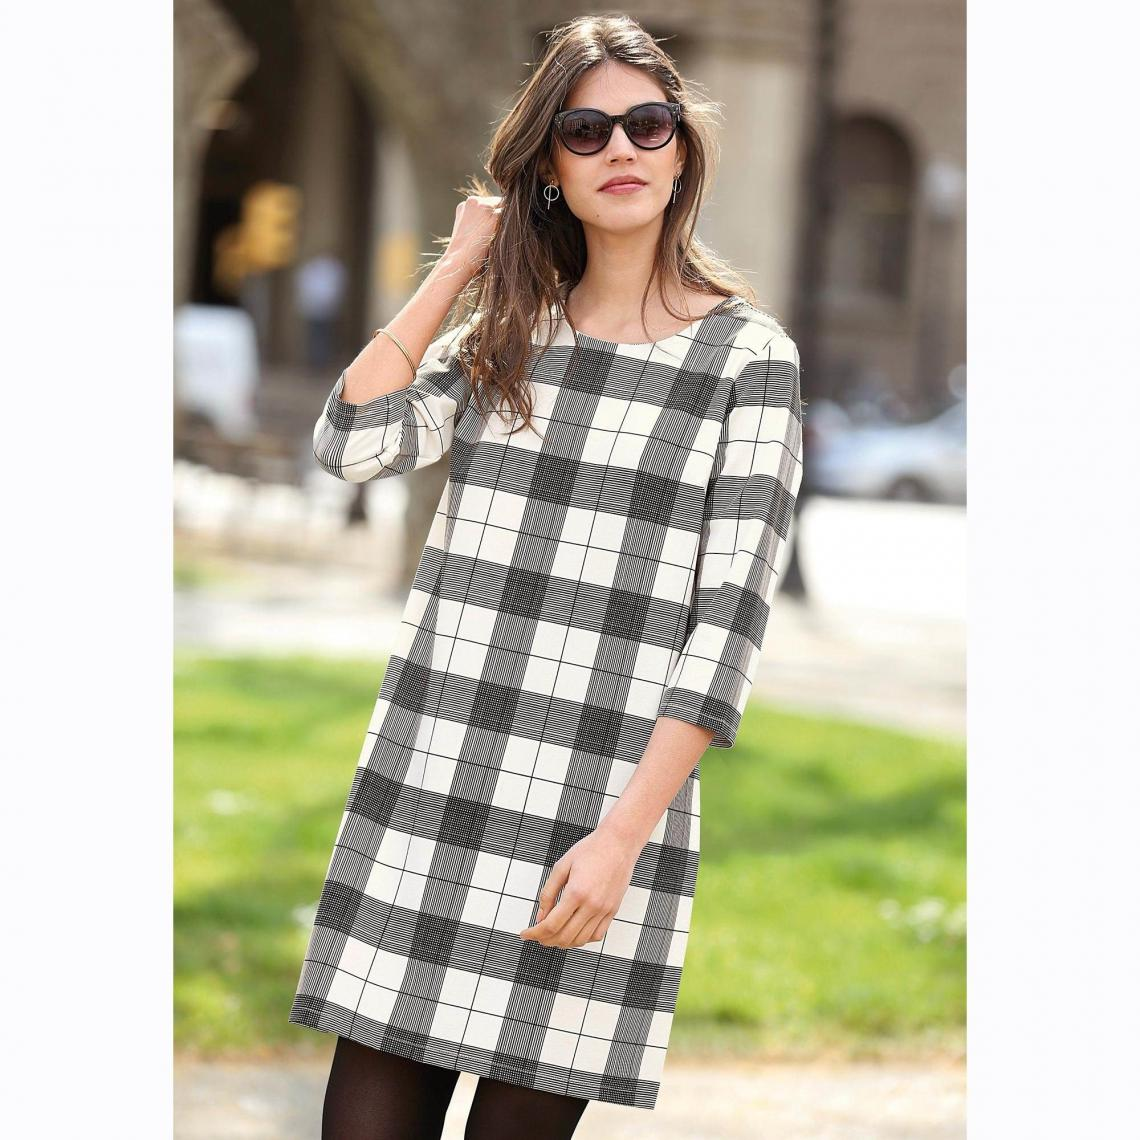 Robe Carreaux Femme 34 Suisses Noir3 À Manches Courte nOX0kwP8